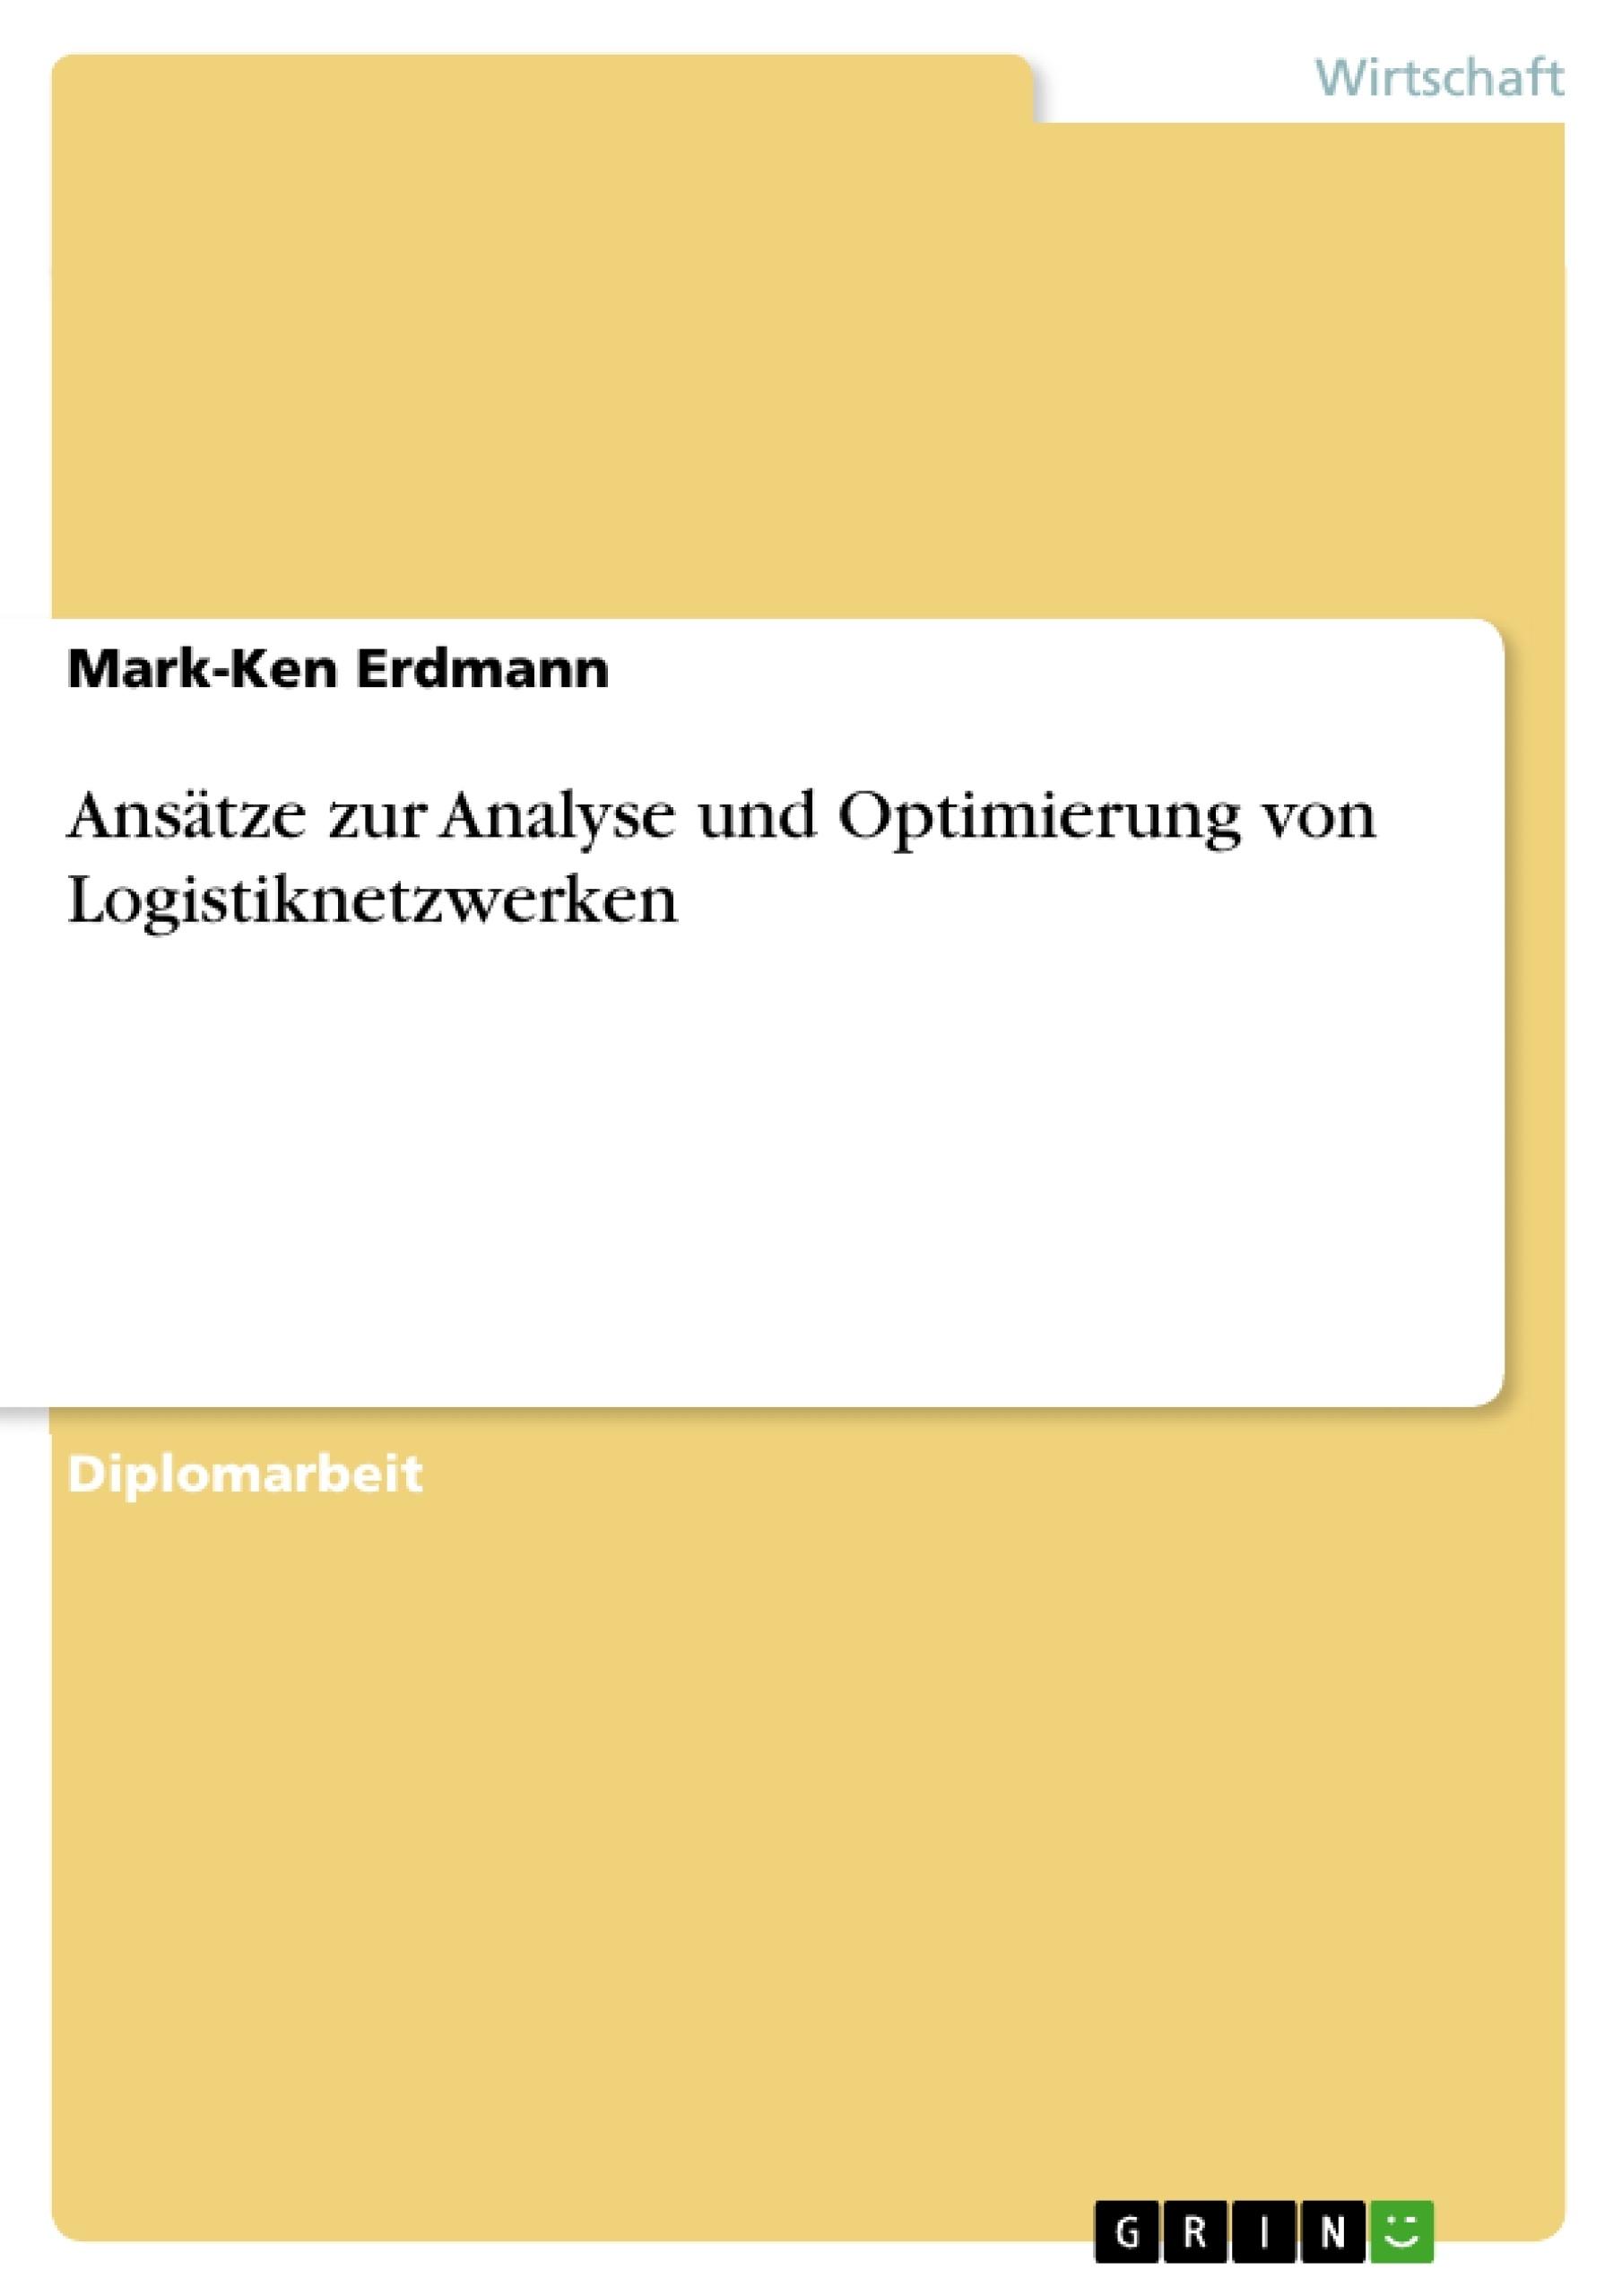 Titel: Ansätze zur Analyse und Optimierung von Logistiknetzwerken